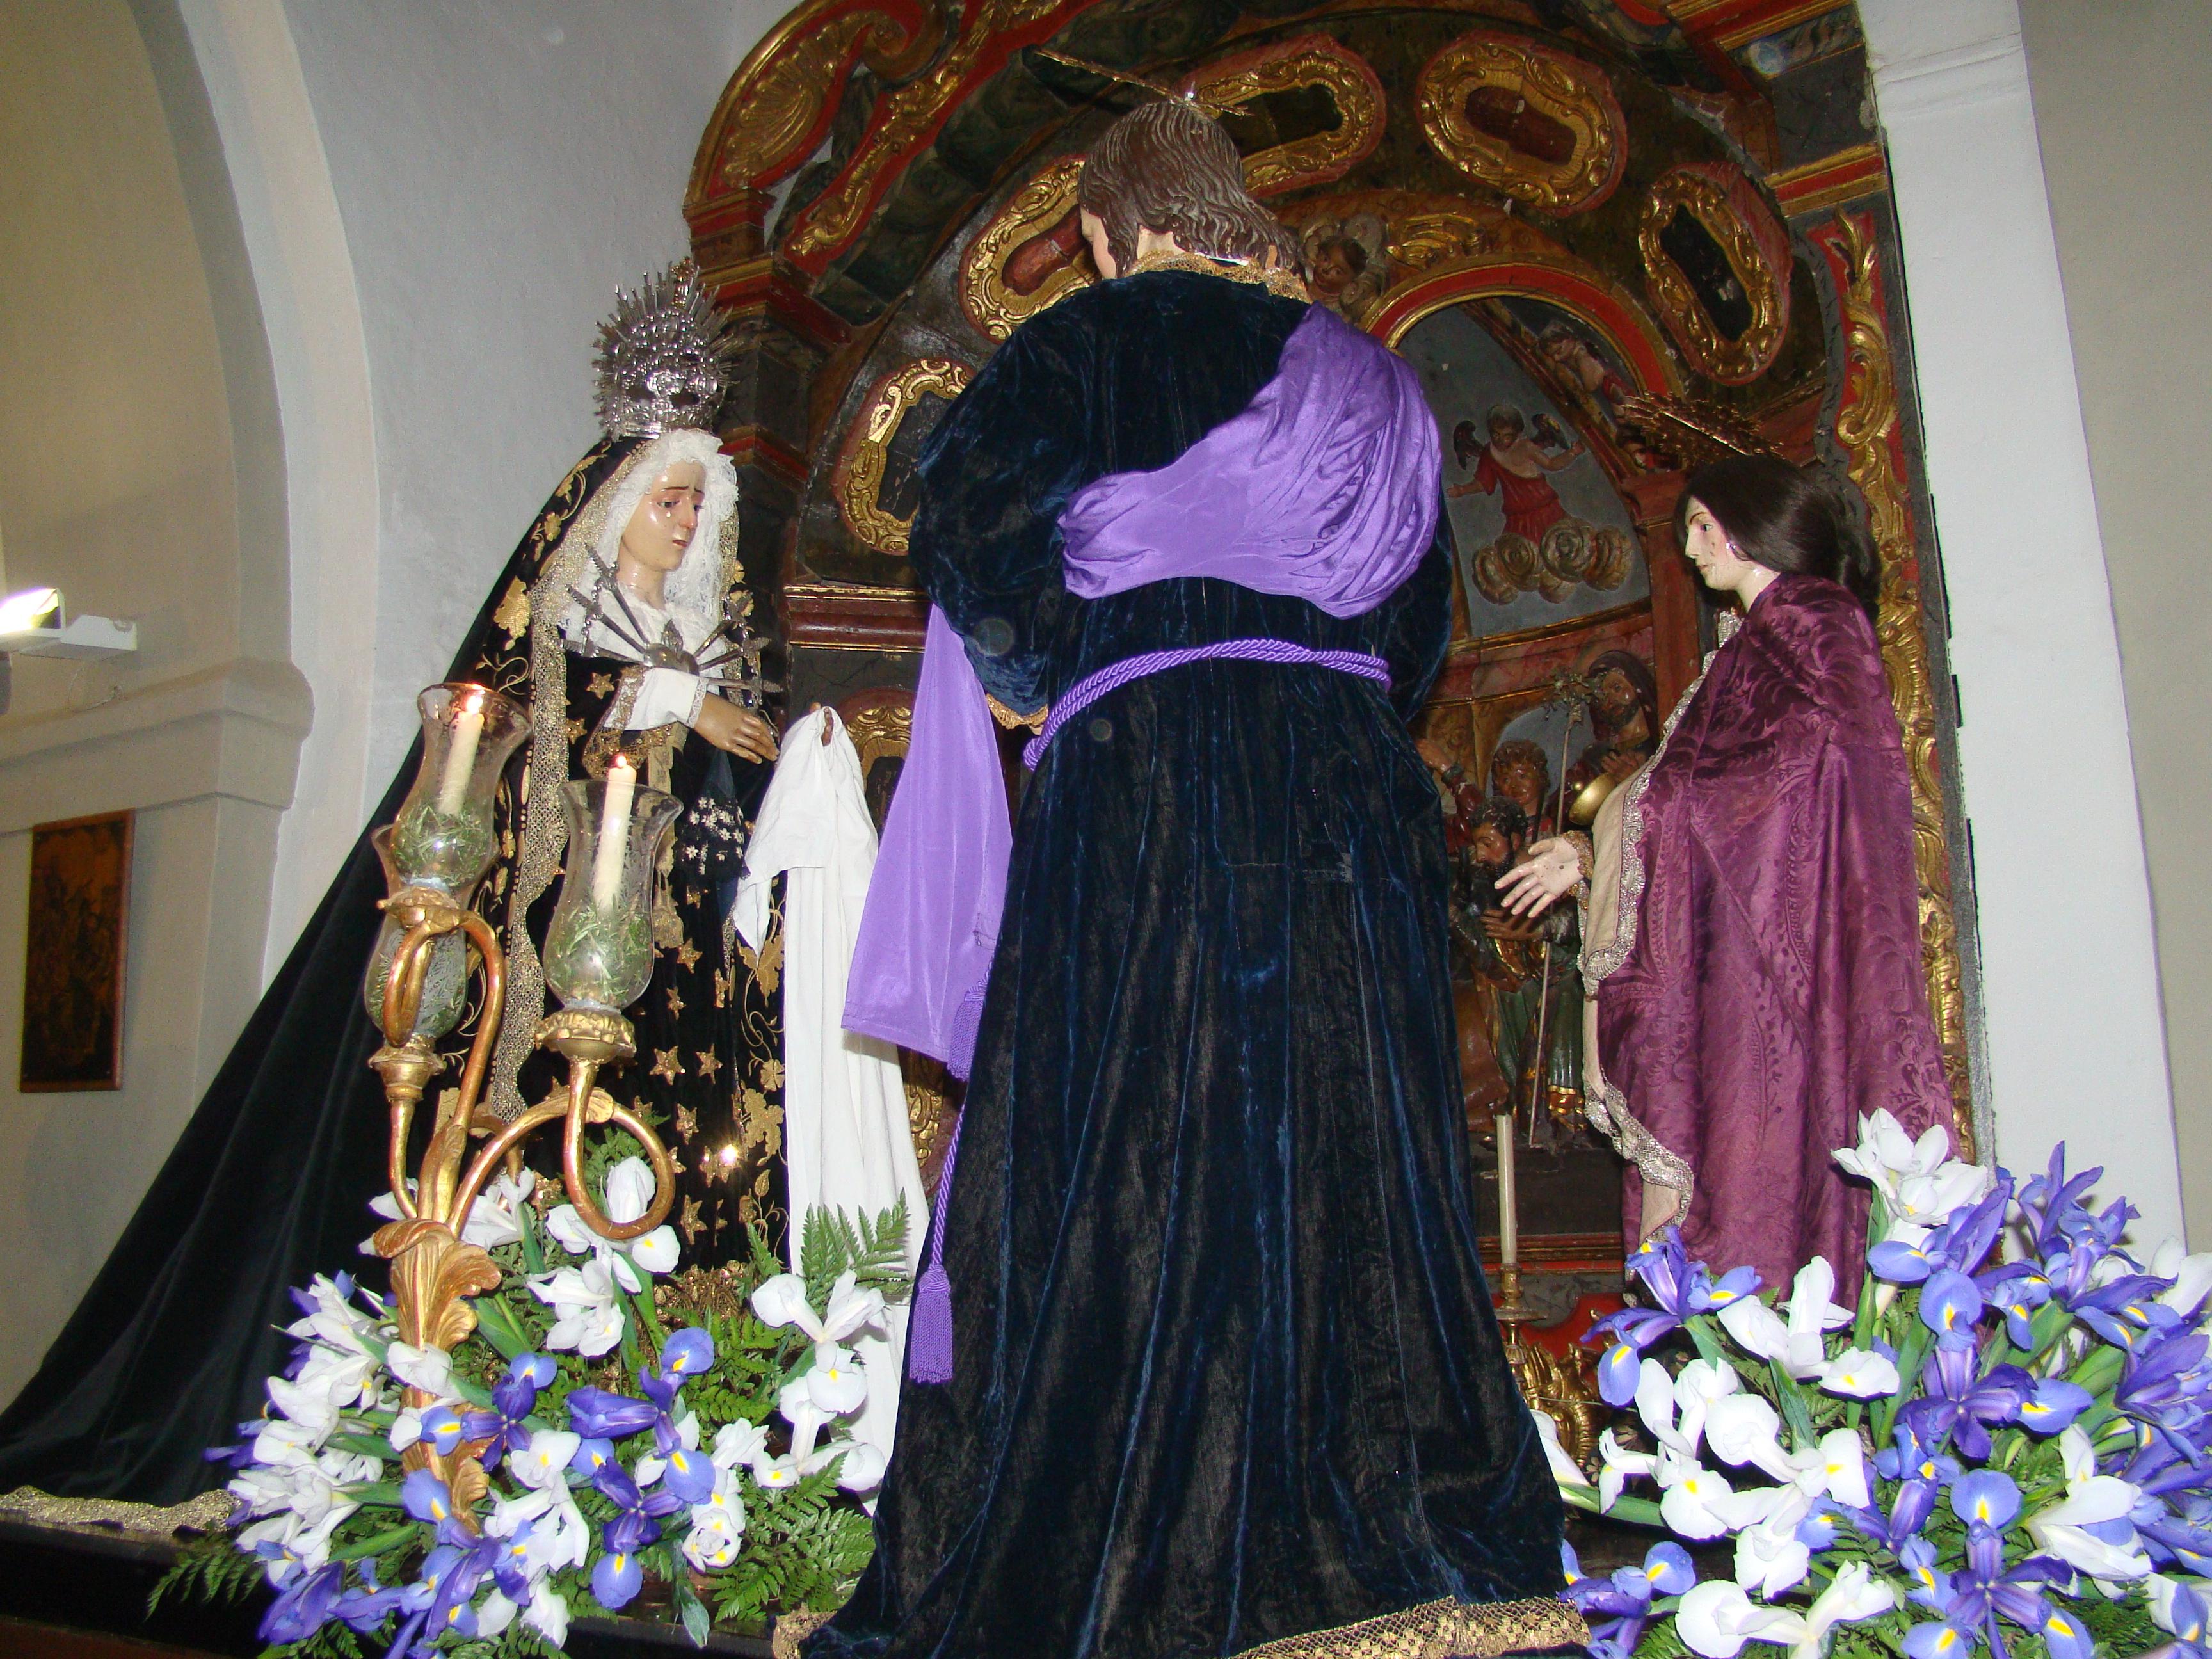 IMÁGENES DE LA PROCESIÓN DEL SEÑOR DE LOS AFLIGIDOS Y LA VIRGEN DE LOS DOLORES